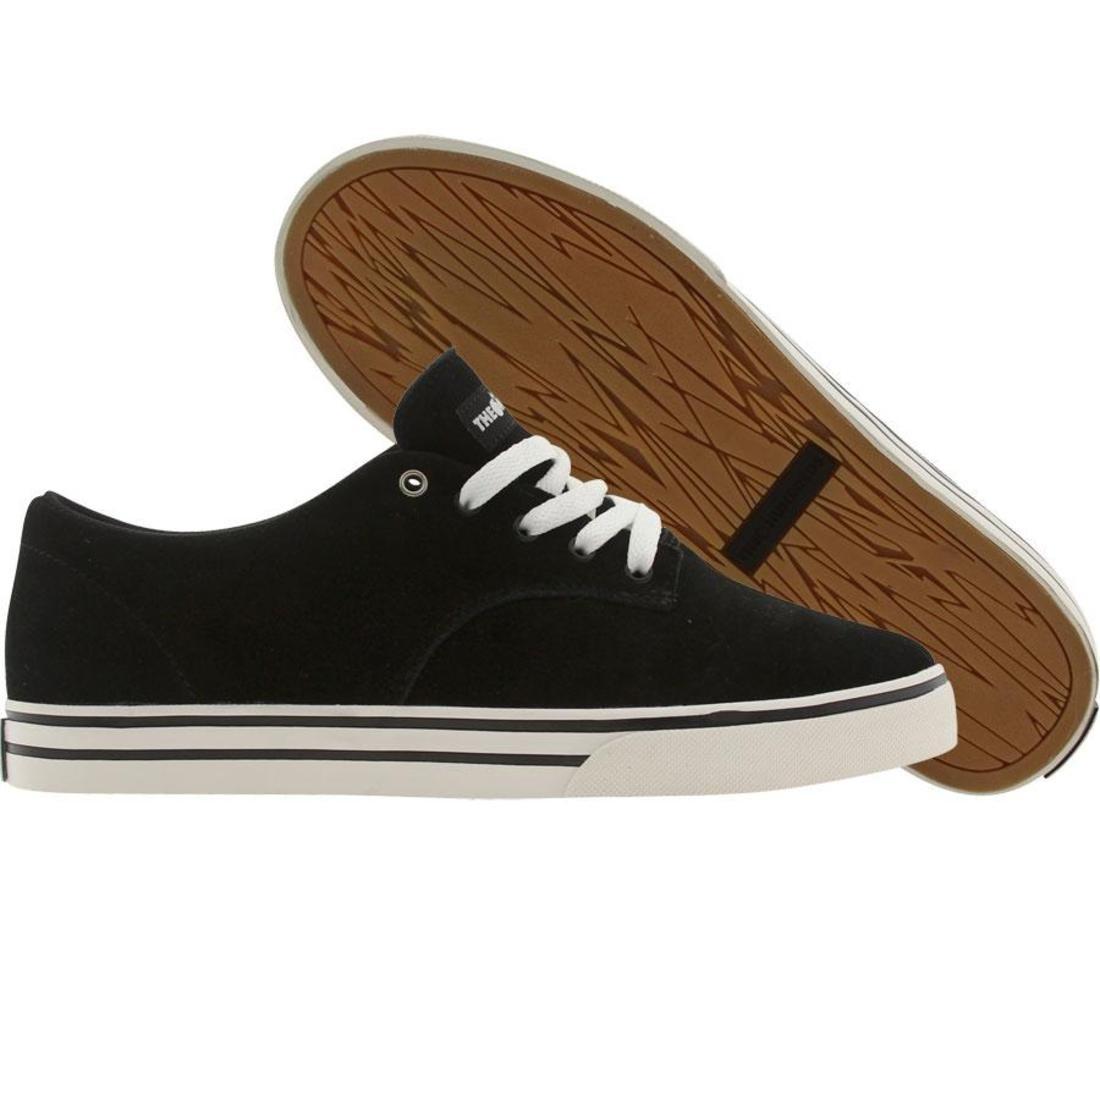 【海外限定】ジョンソン スエード スウェード メンズ靴 スニーカー 【 THE HUNDREDS JOHNSON LOW SUEDE BLACK 】